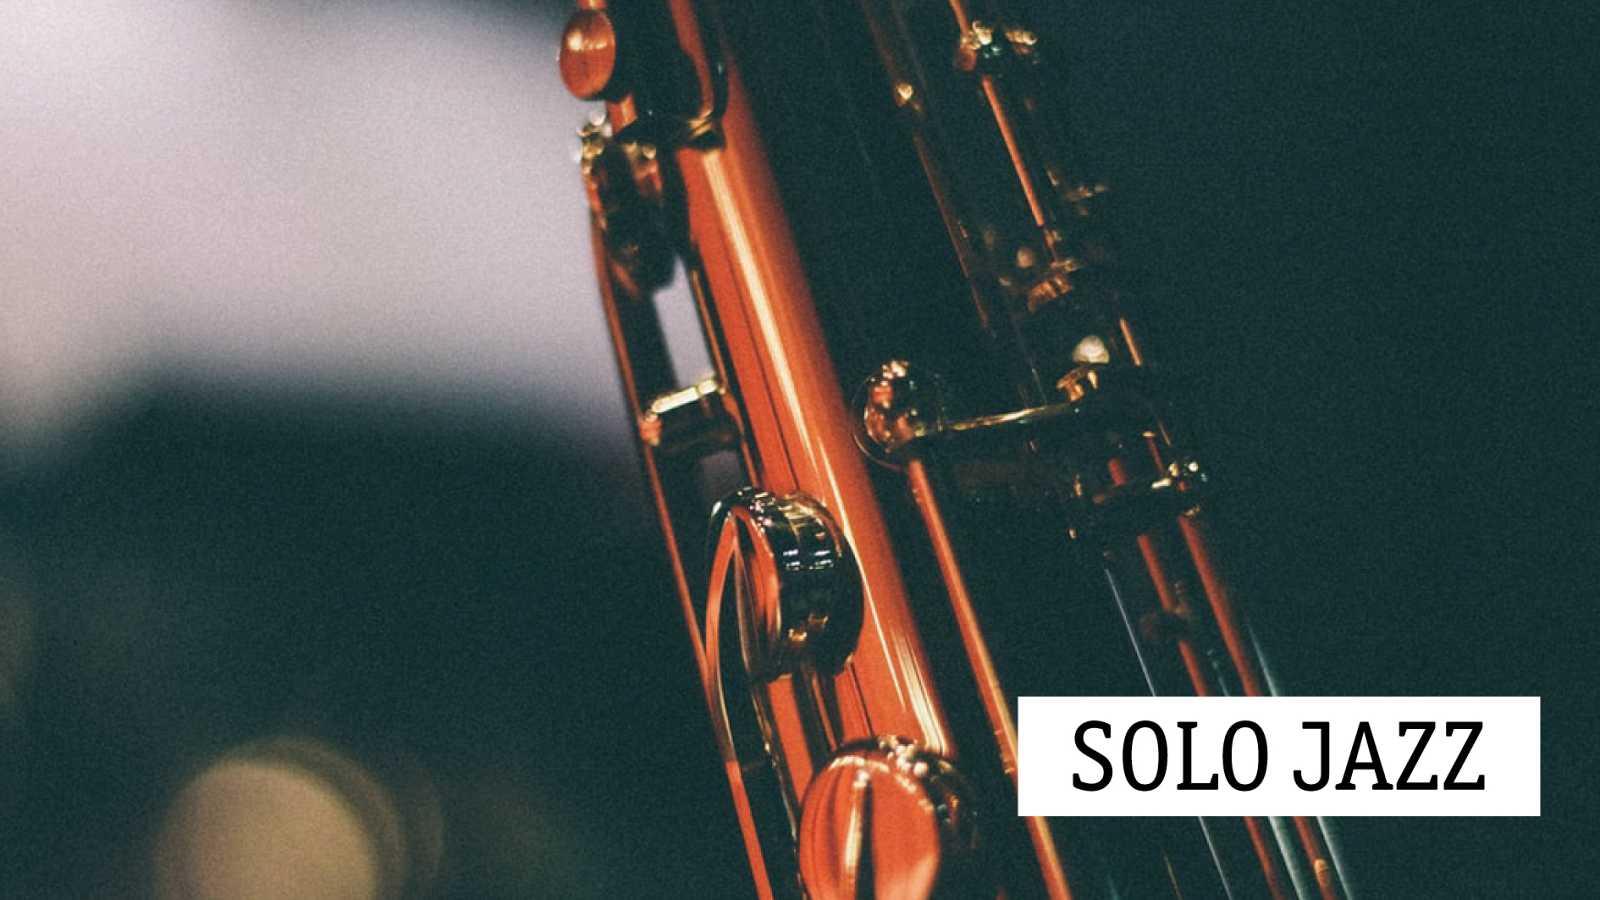 Solo Jazz - Pat Metheny e imitadores, tan próximos, tan lejos... - 04/11/20 - escuchar ahora